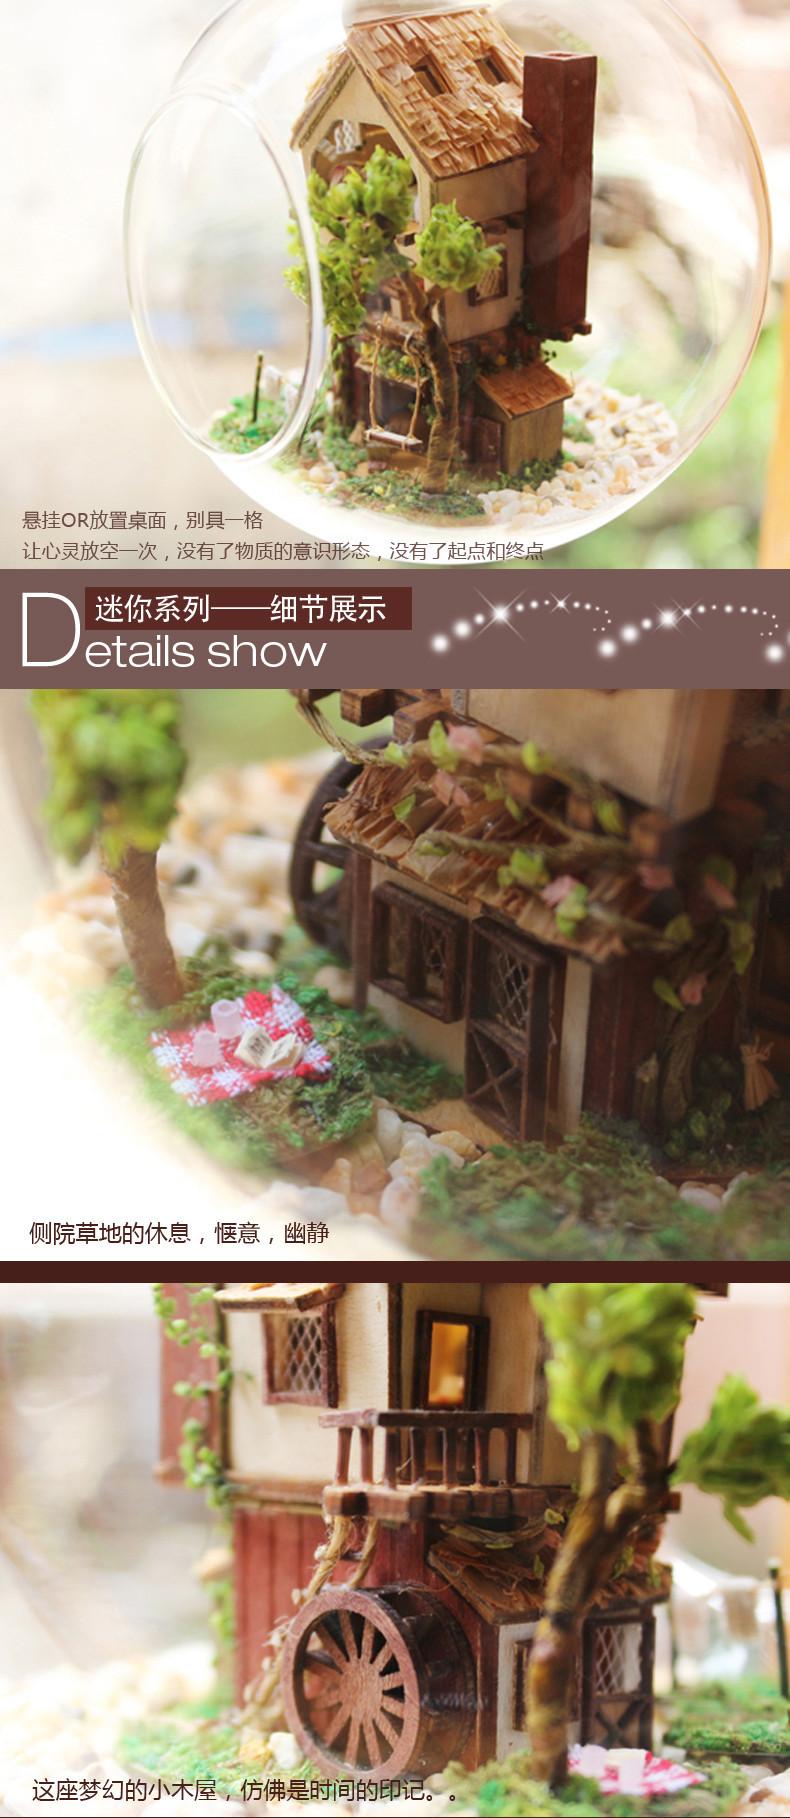 doll house (3)